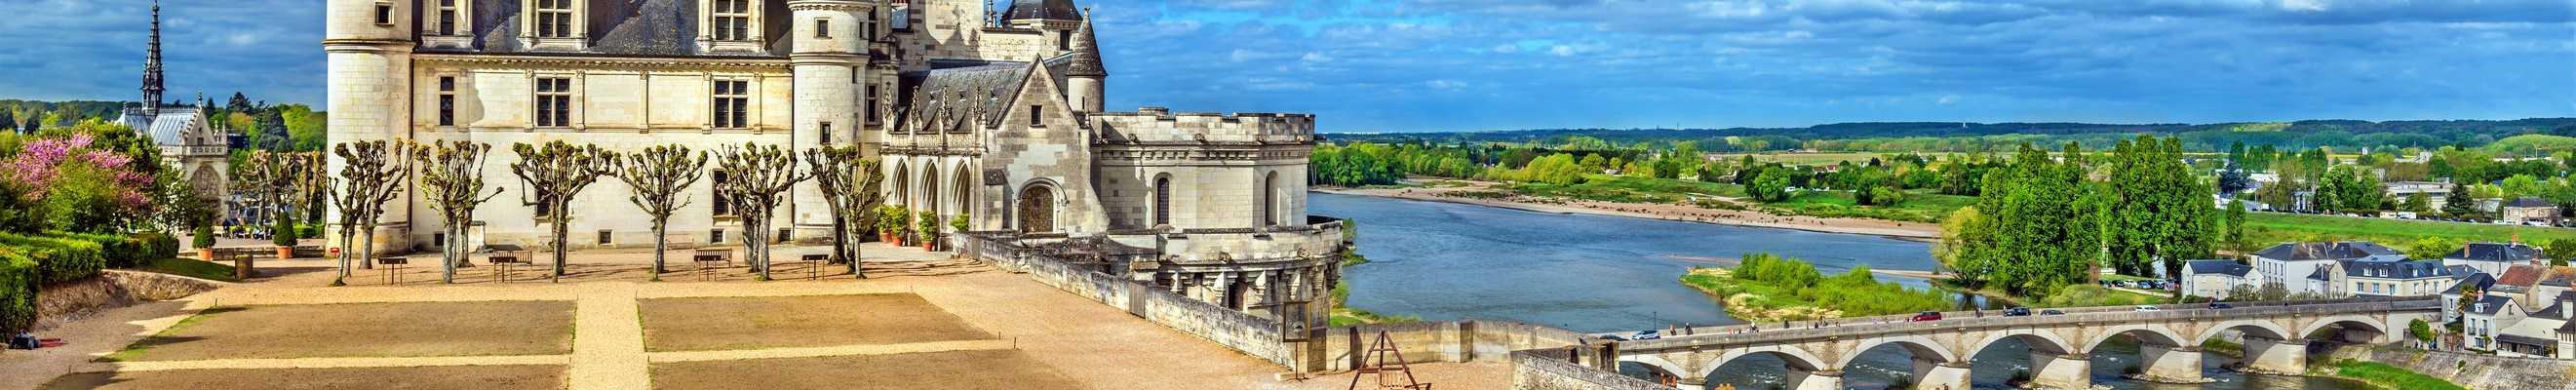 Indre-et-Loire département